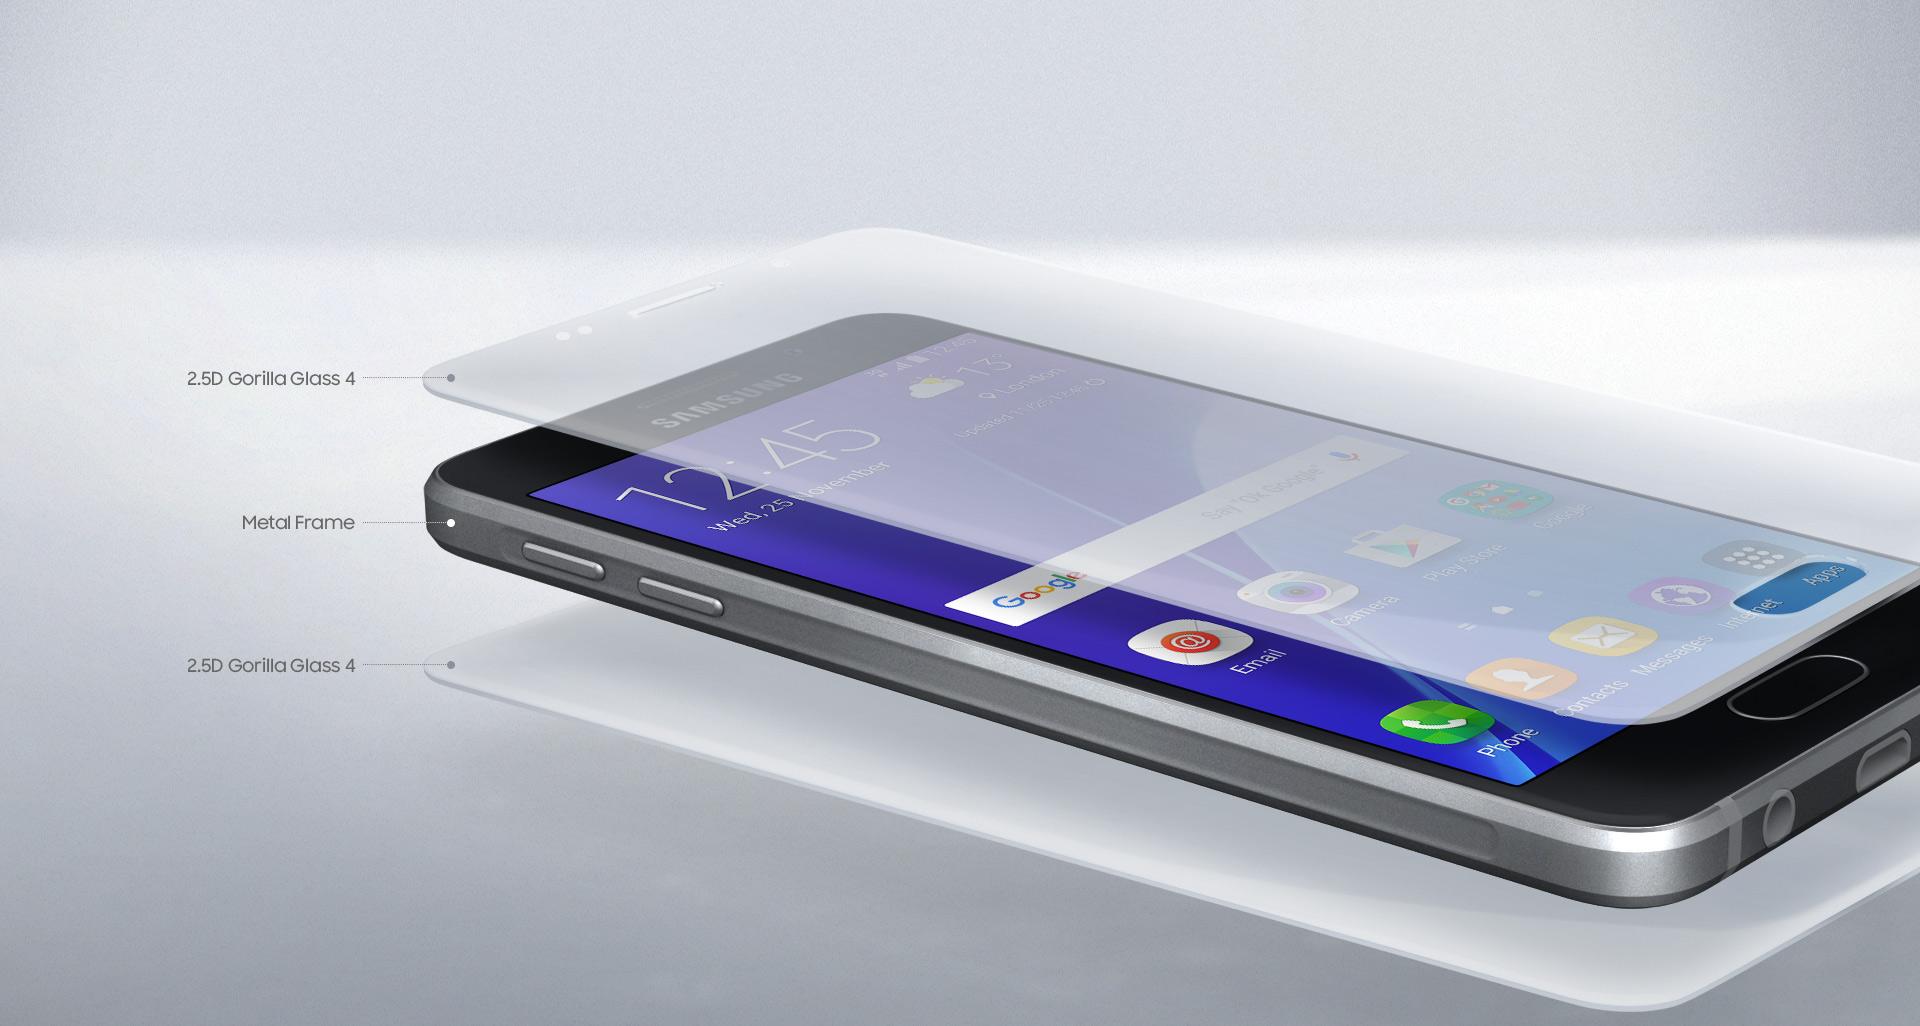 Design nového Samsung Galaxy A3 A310F se nese v duchu vlajkového modelu Samsung Galaxy S6